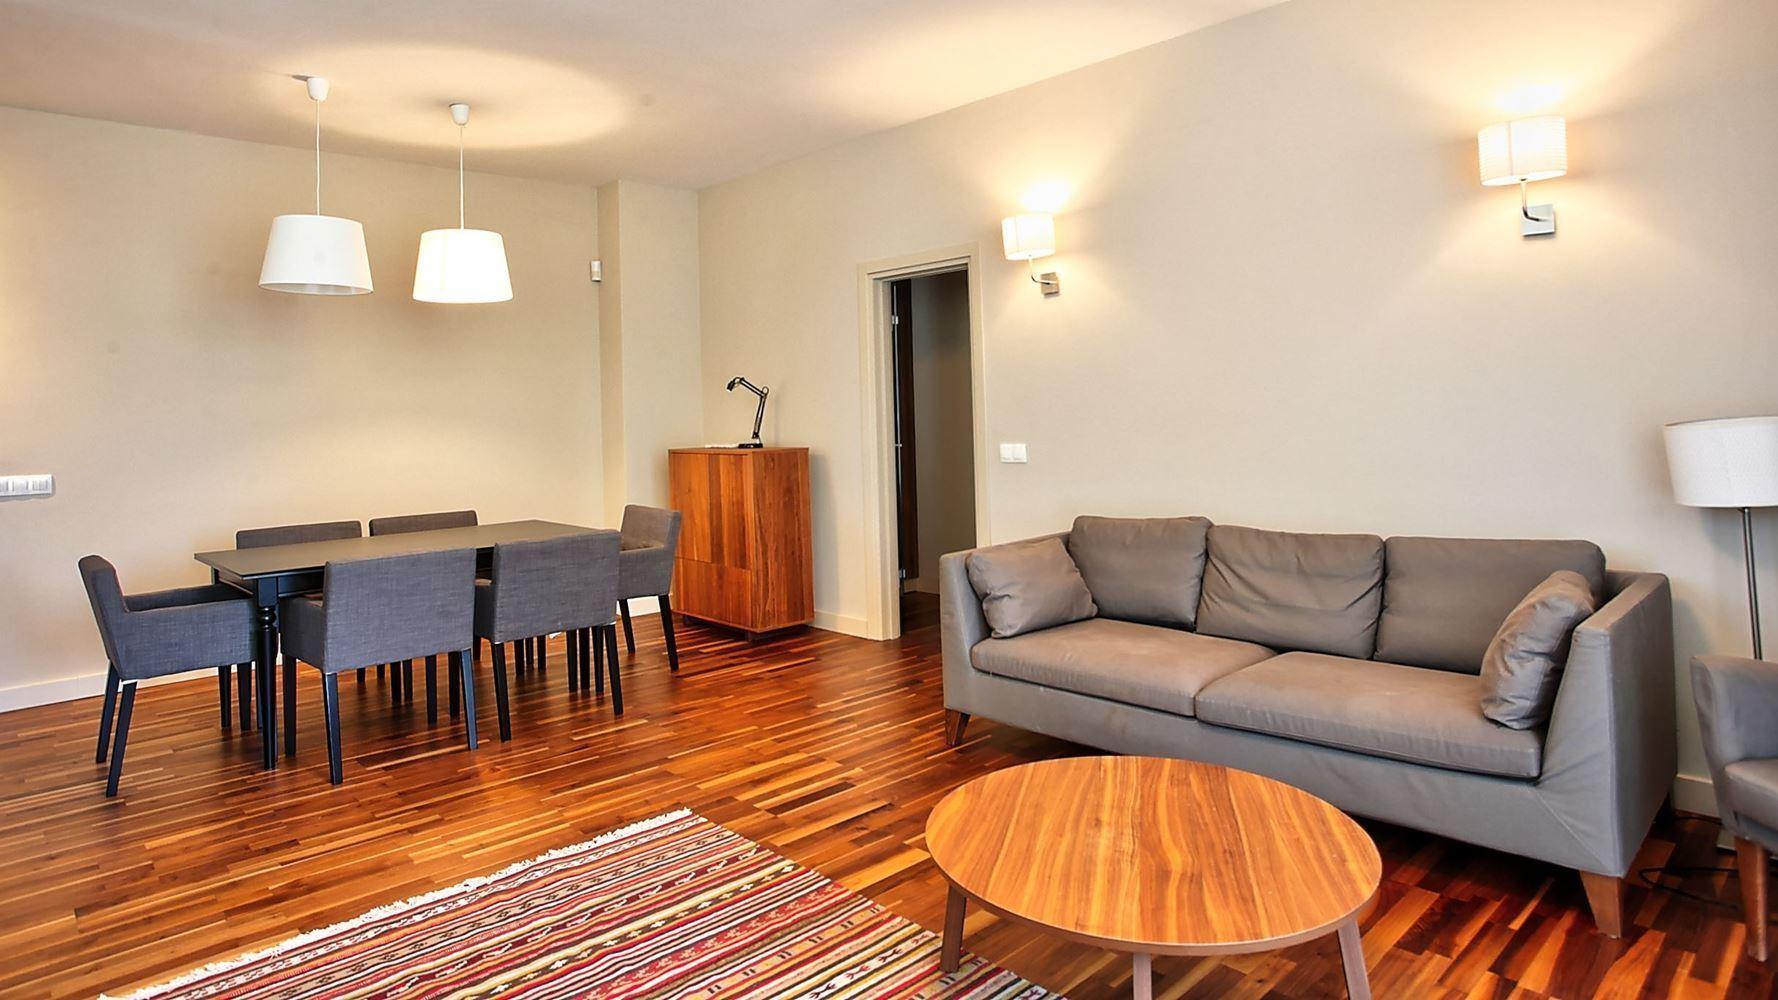 2-bedroom Apartment for Rent, Iztok